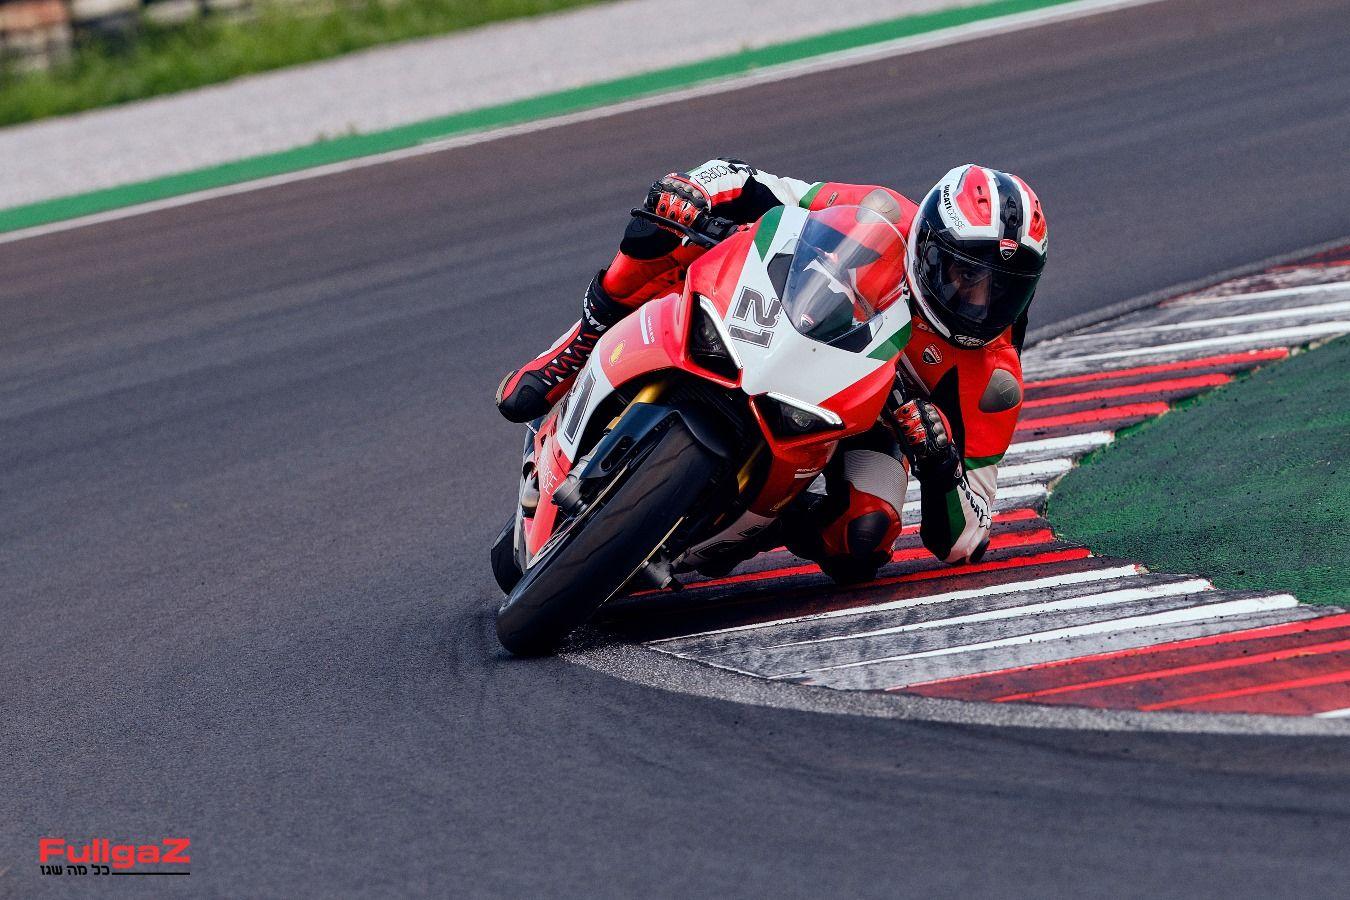 Ducati-Panigale-V2-Bayliss-011